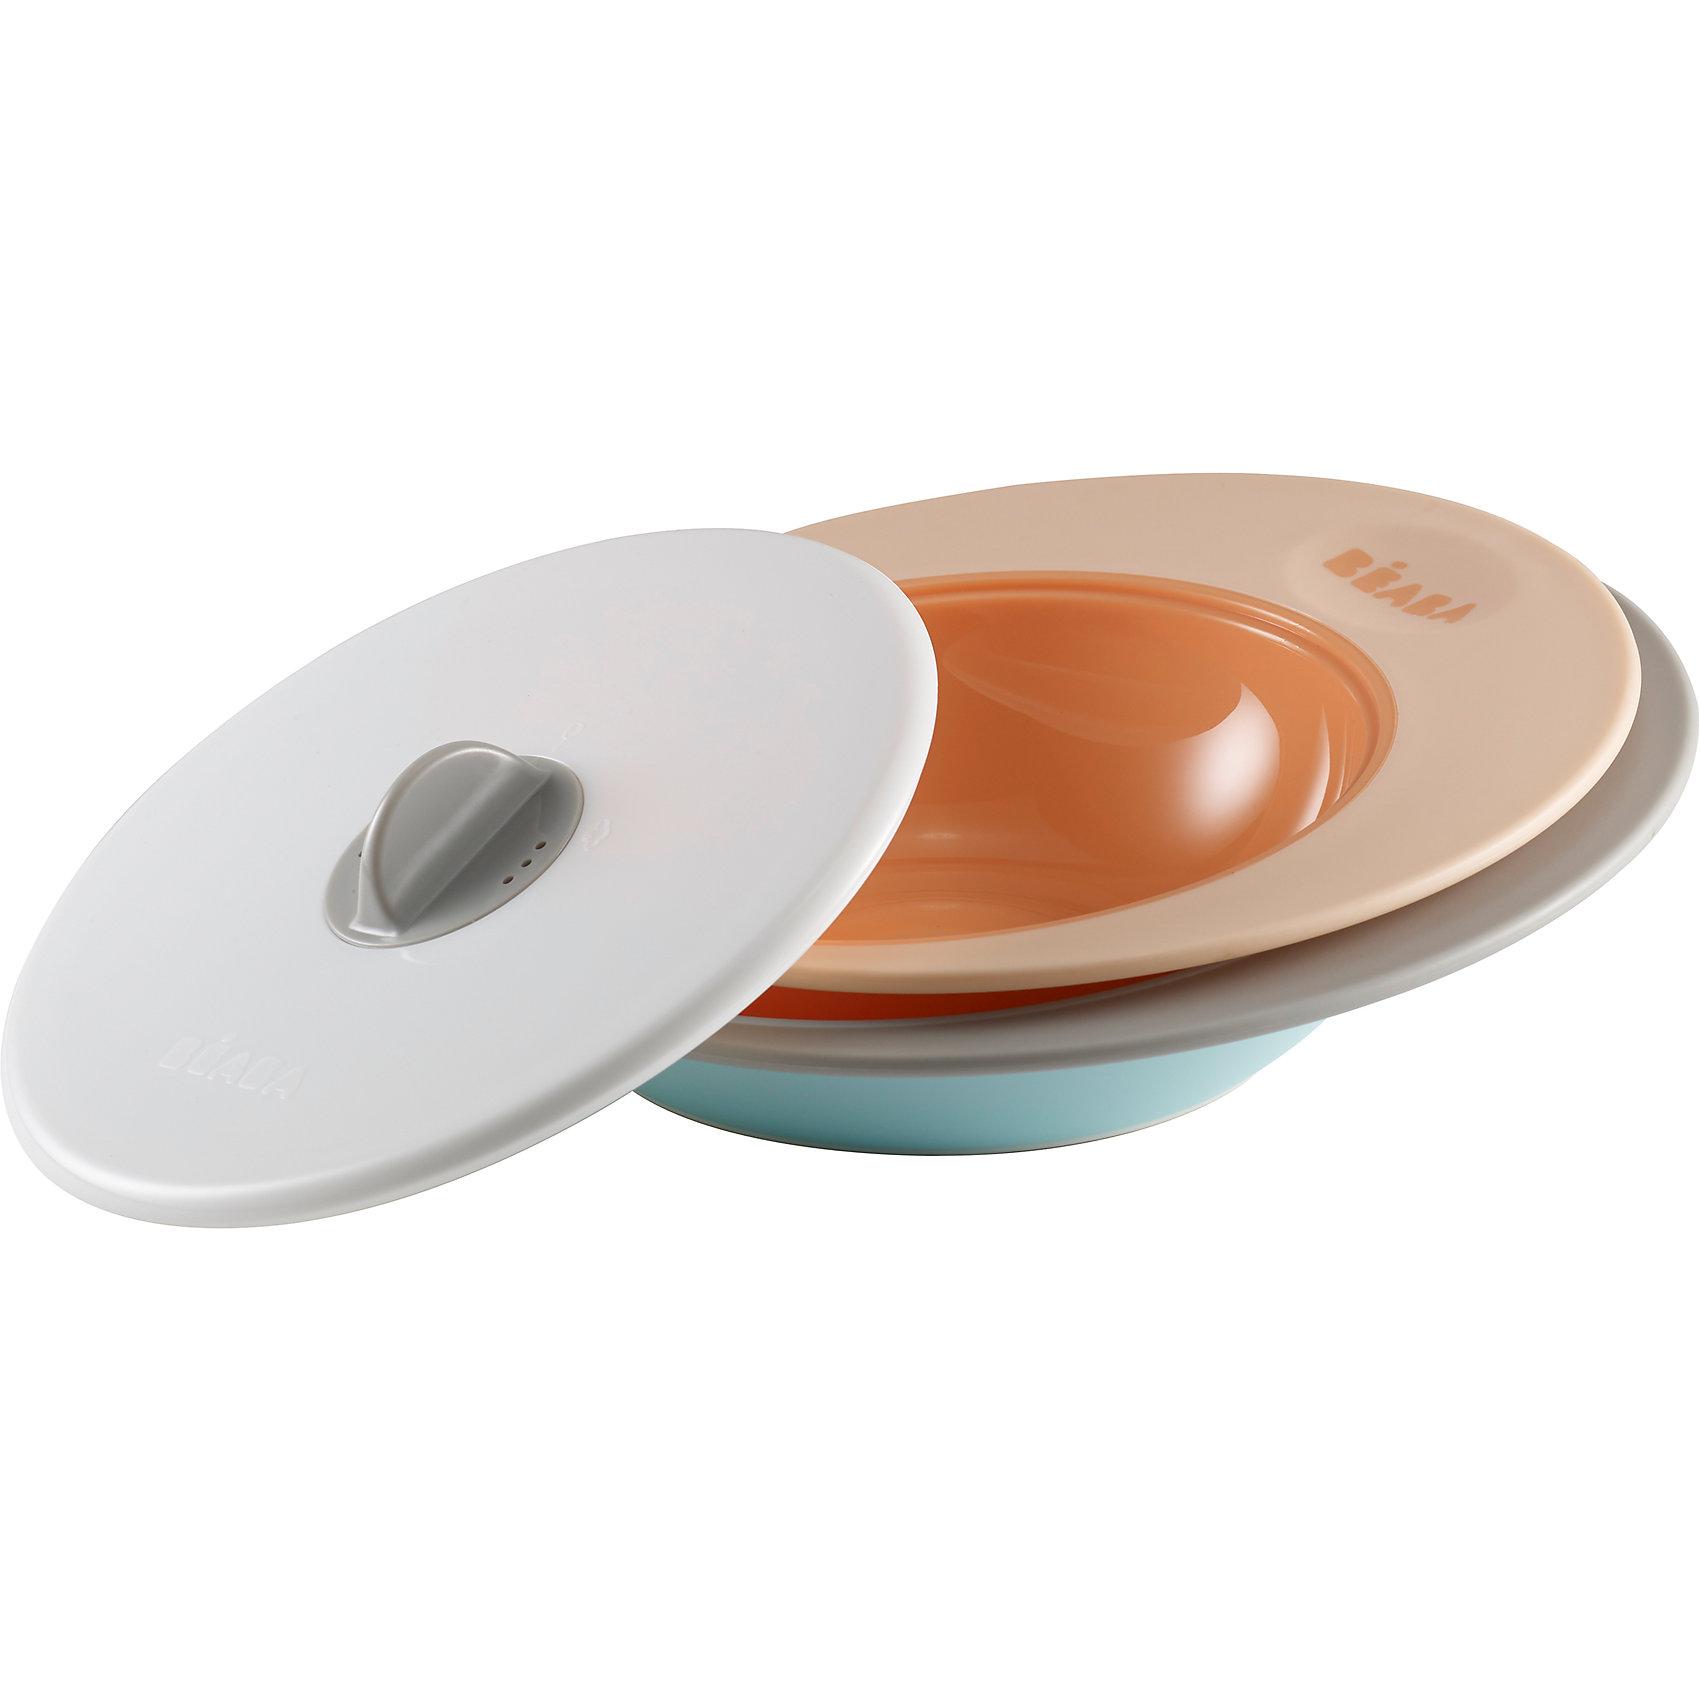 Набор тарелок ELLIPSE, Beaba, бежевыйНаборы посуды<br>Набор тарелок ELLIPSE, Beaba (Беаба), бежевый<br><br>Характеристики:<br><br>• два положения крышки: для микроволновой печи и для сохранения тепла<br>• прорезиненное основание<br>• широкие края<br>• выгнутое дно<br>• объем маленькой тарелки: 210 мл<br>• объем большой тарелки: 300 мл<br>• подходят для посудомоечной машины и микроволновой печи<br>• материал: пластик<br>• размер упаковки: 22х22х8 см<br>• вес: 500 грамм<br>• цвет: бежевый<br><br>Тарелки ELLIPSE подходят для первого прикорма и самостоятельного приема пищи. В комплект входят две тарелки (210 и 300 мл) и крышка. Крышка имеет два положения. Одно предназначено для разогрева в микроволновой печи, а второе для сохранения температуры. Широкие края тарелок позволяют легко перемешать содержимое. А выгнутое дно поможет правильно распределить пищу. Тарелки подходят для использования в микроволновой печи и посудомоечной машине.<br><br>Набор тарелок ELLIPSE, Beaba (Беаба), бежевый можно купить в нашем интернет-магазине.<br><br>Ширина мм: 205<br>Глубина мм: 66<br>Высота мм: 240<br>Вес г: 370<br>Возраст от месяцев: 4<br>Возраст до месяцев: 2147483647<br>Пол: Унисекс<br>Возраст: Детский<br>SKU: 5445727